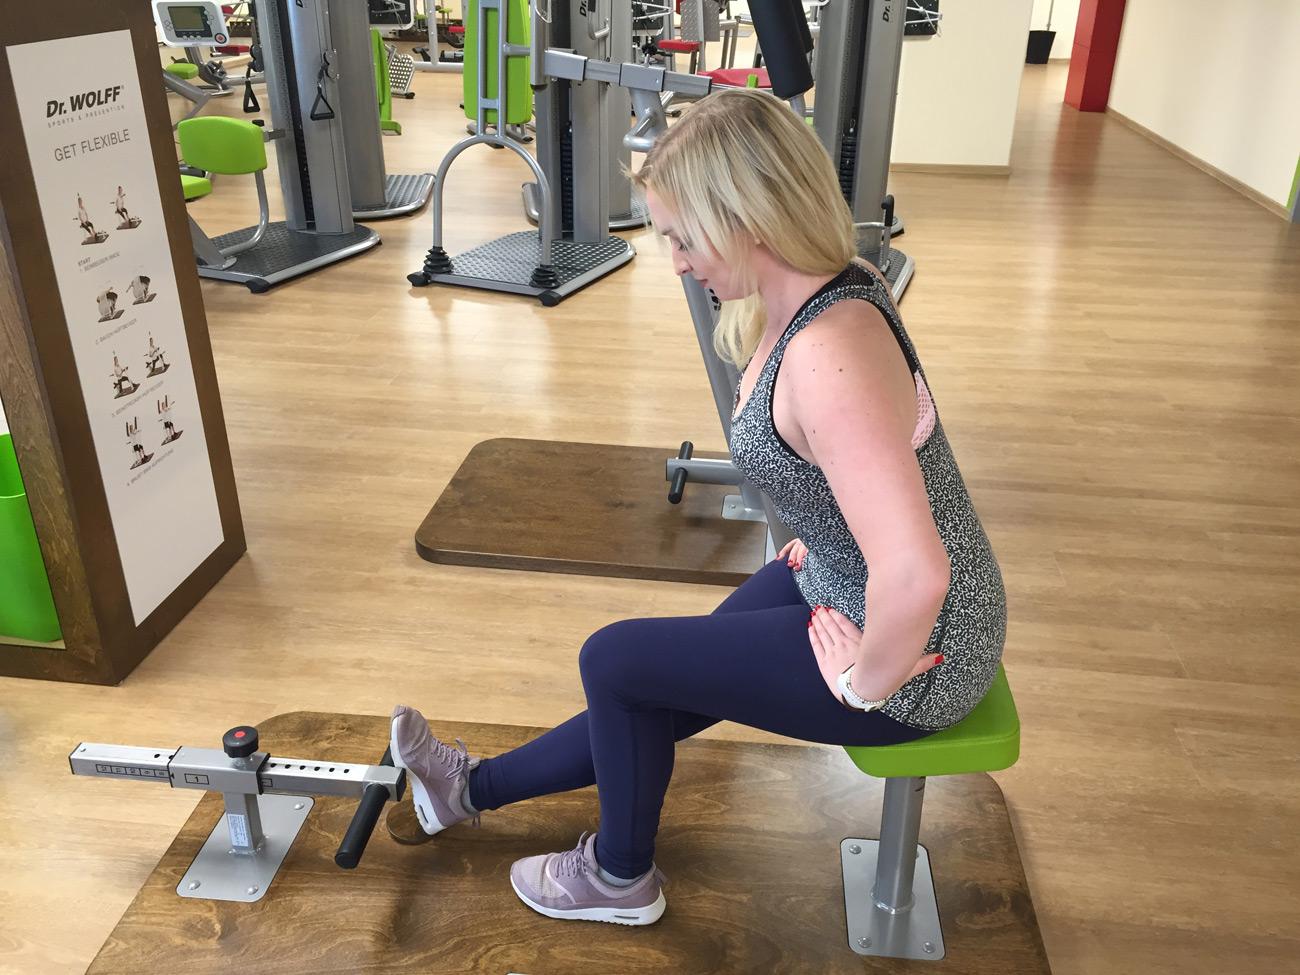 Dr. Wolff Get flexibe Beweglichkeitszirkel